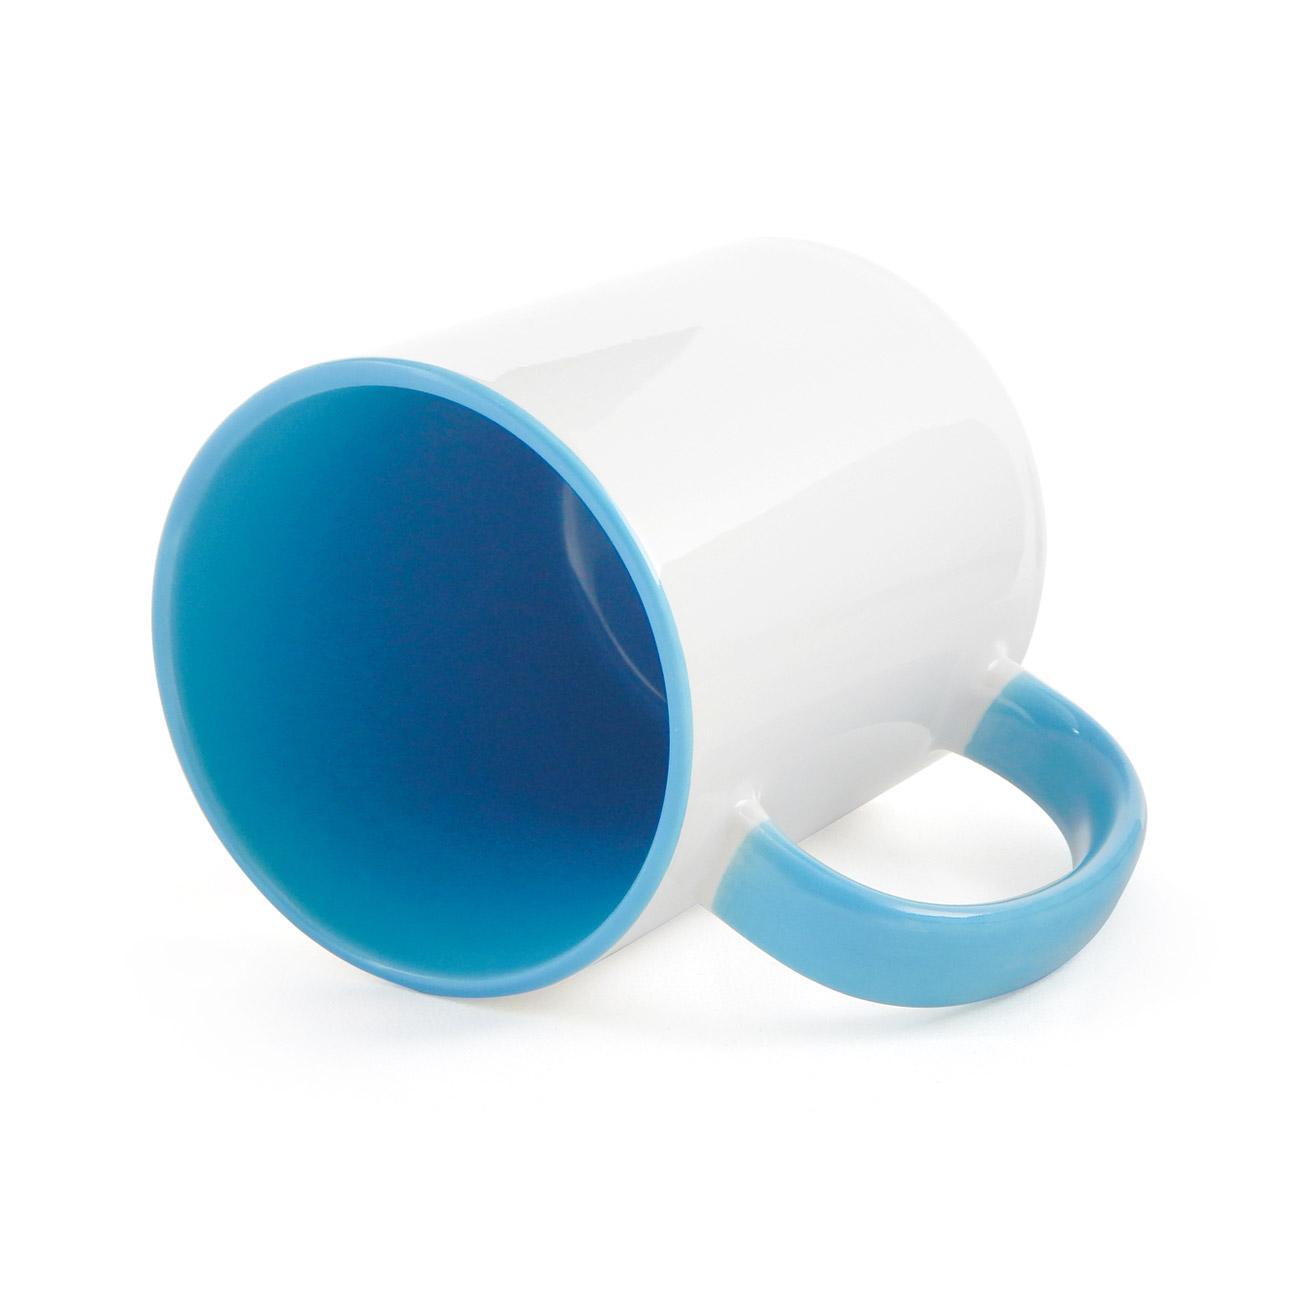 Caneca de Cerâmica Branca com Interior e Alça Colorida para Sublimação - Azul Claro